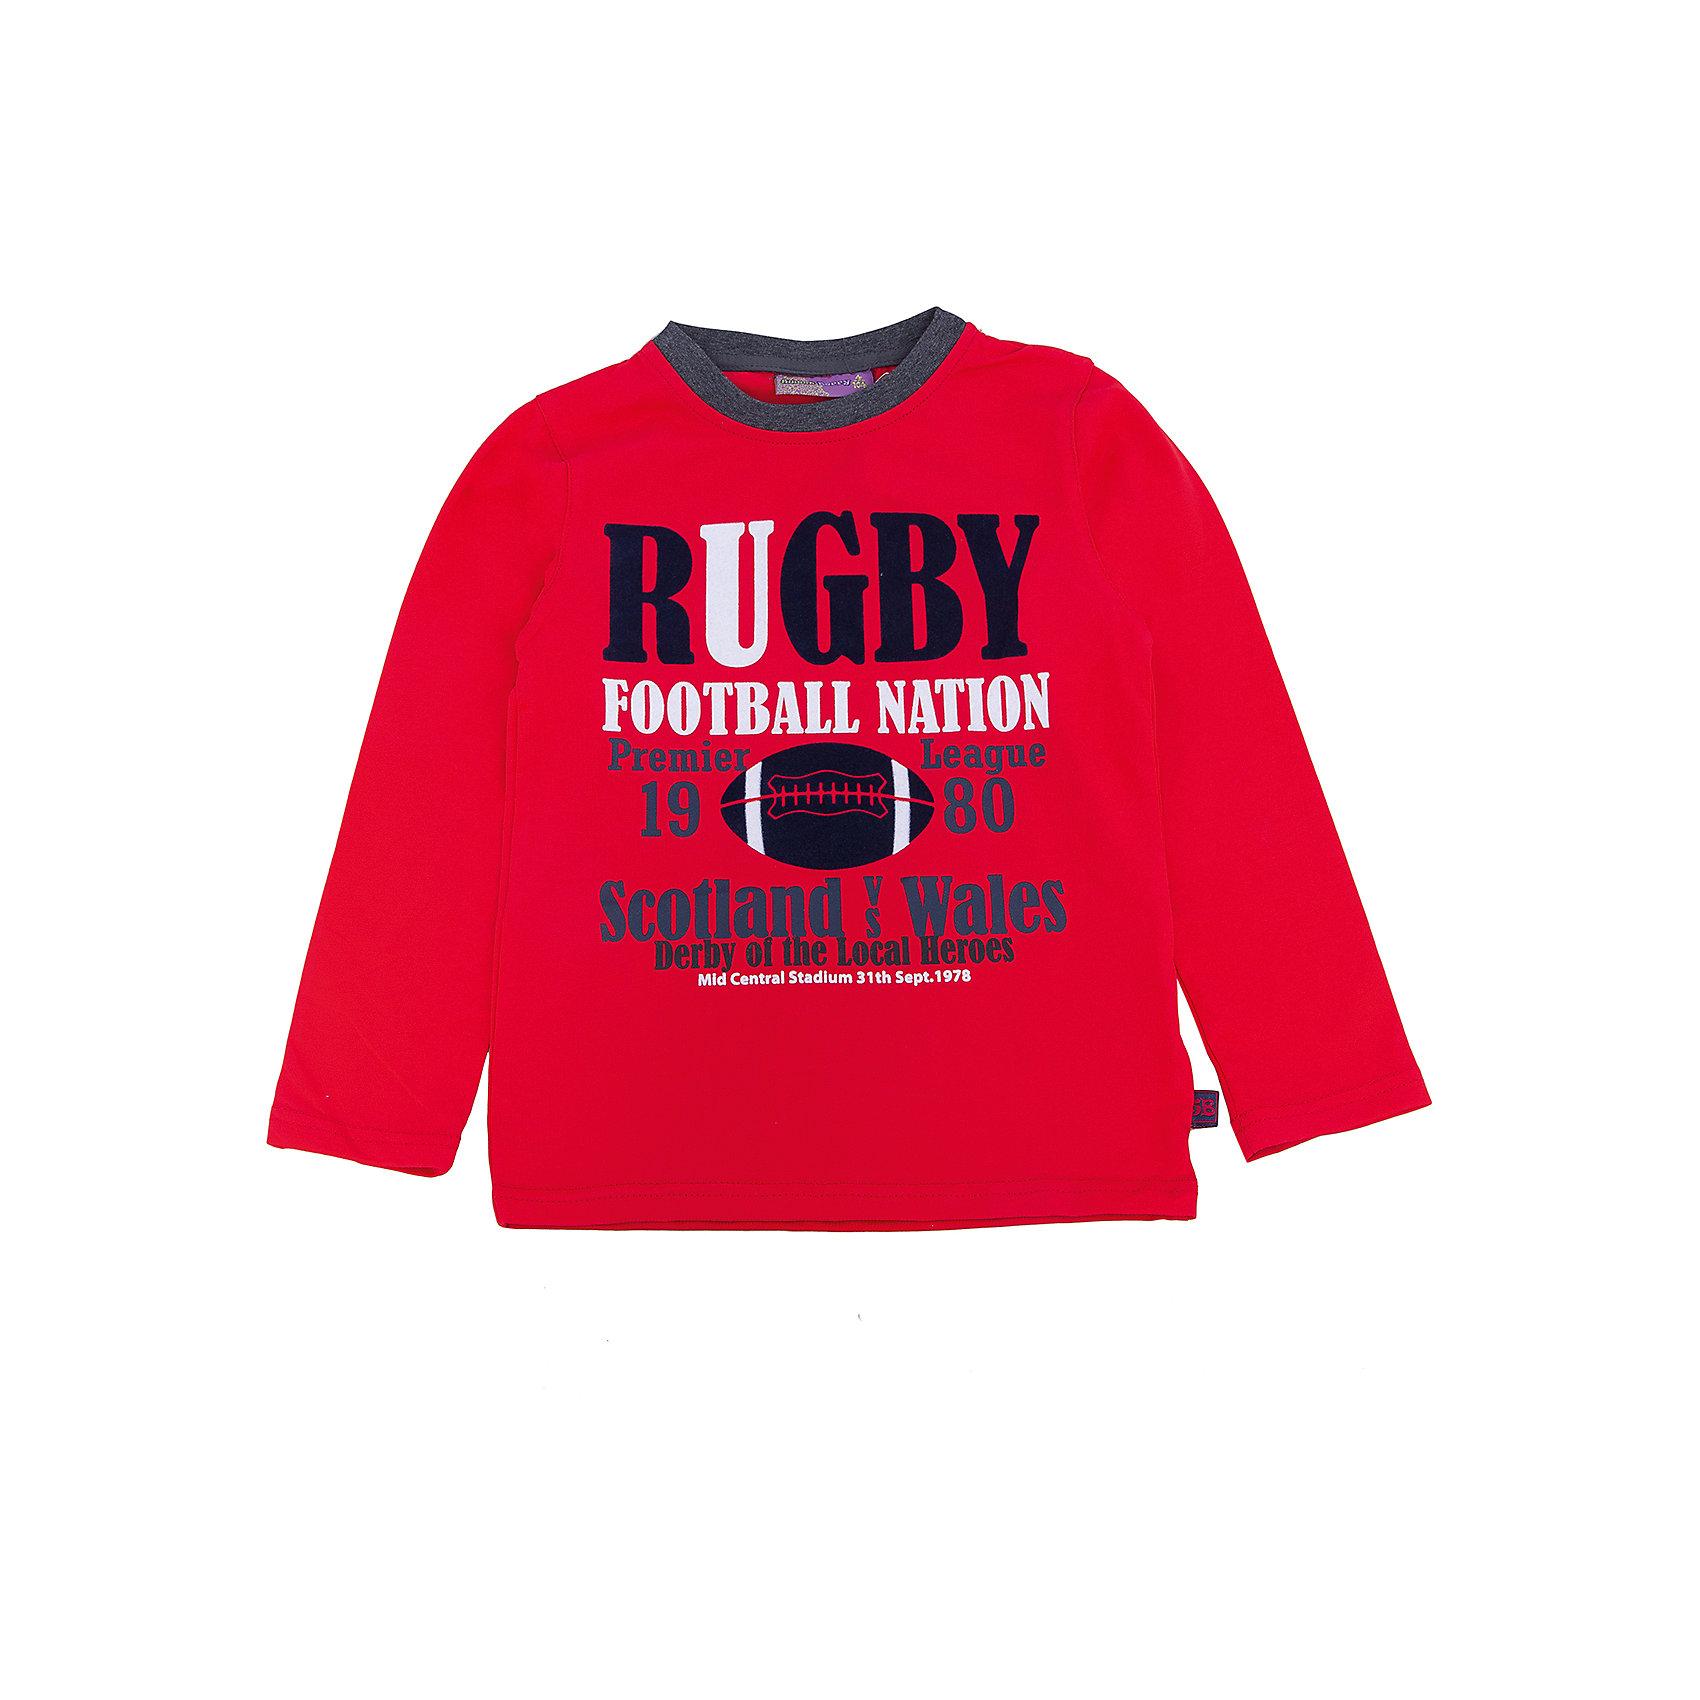 Футболка с длинным рукавом для мальчика Sweet BerryТакая футболка с длинным рукавом для мальчика отличается модным дизайном с ярким принтом. Удачный крой обеспечит ребенку комфорт и тепло. Горловина изделия обработана мягкой резинкой, поэтому вещь плотно прилегает к телу там, где нужно, и отлично сидит по фигуре.<br>Одежда от бренда Sweet Berry - это простой и выгодный способ одеть ребенка удобно и стильно. Всё изделия тщательно проработаны: швы - прочные, материал - качественный, фурнитура - подобранная специально для детей. <br><br>Дополнительная информация:<br><br>цвет: красный;<br>материал: 95% хлопок, 5% эластан;<br>декорирована принтом.<br><br>Футболку с длинным рукавом для мальчика от бренда Sweet Berry можно купить в нашем интернет-магазине.<br><br>Ширина мм: 230<br>Глубина мм: 40<br>Высота мм: 220<br>Вес г: 250<br>Цвет: красный<br>Возраст от месяцев: 84<br>Возраст до месяцев: 96<br>Пол: Мужской<br>Возраст: Детский<br>Размер: 128,116,110,104,122,98<br>SKU: 4930606